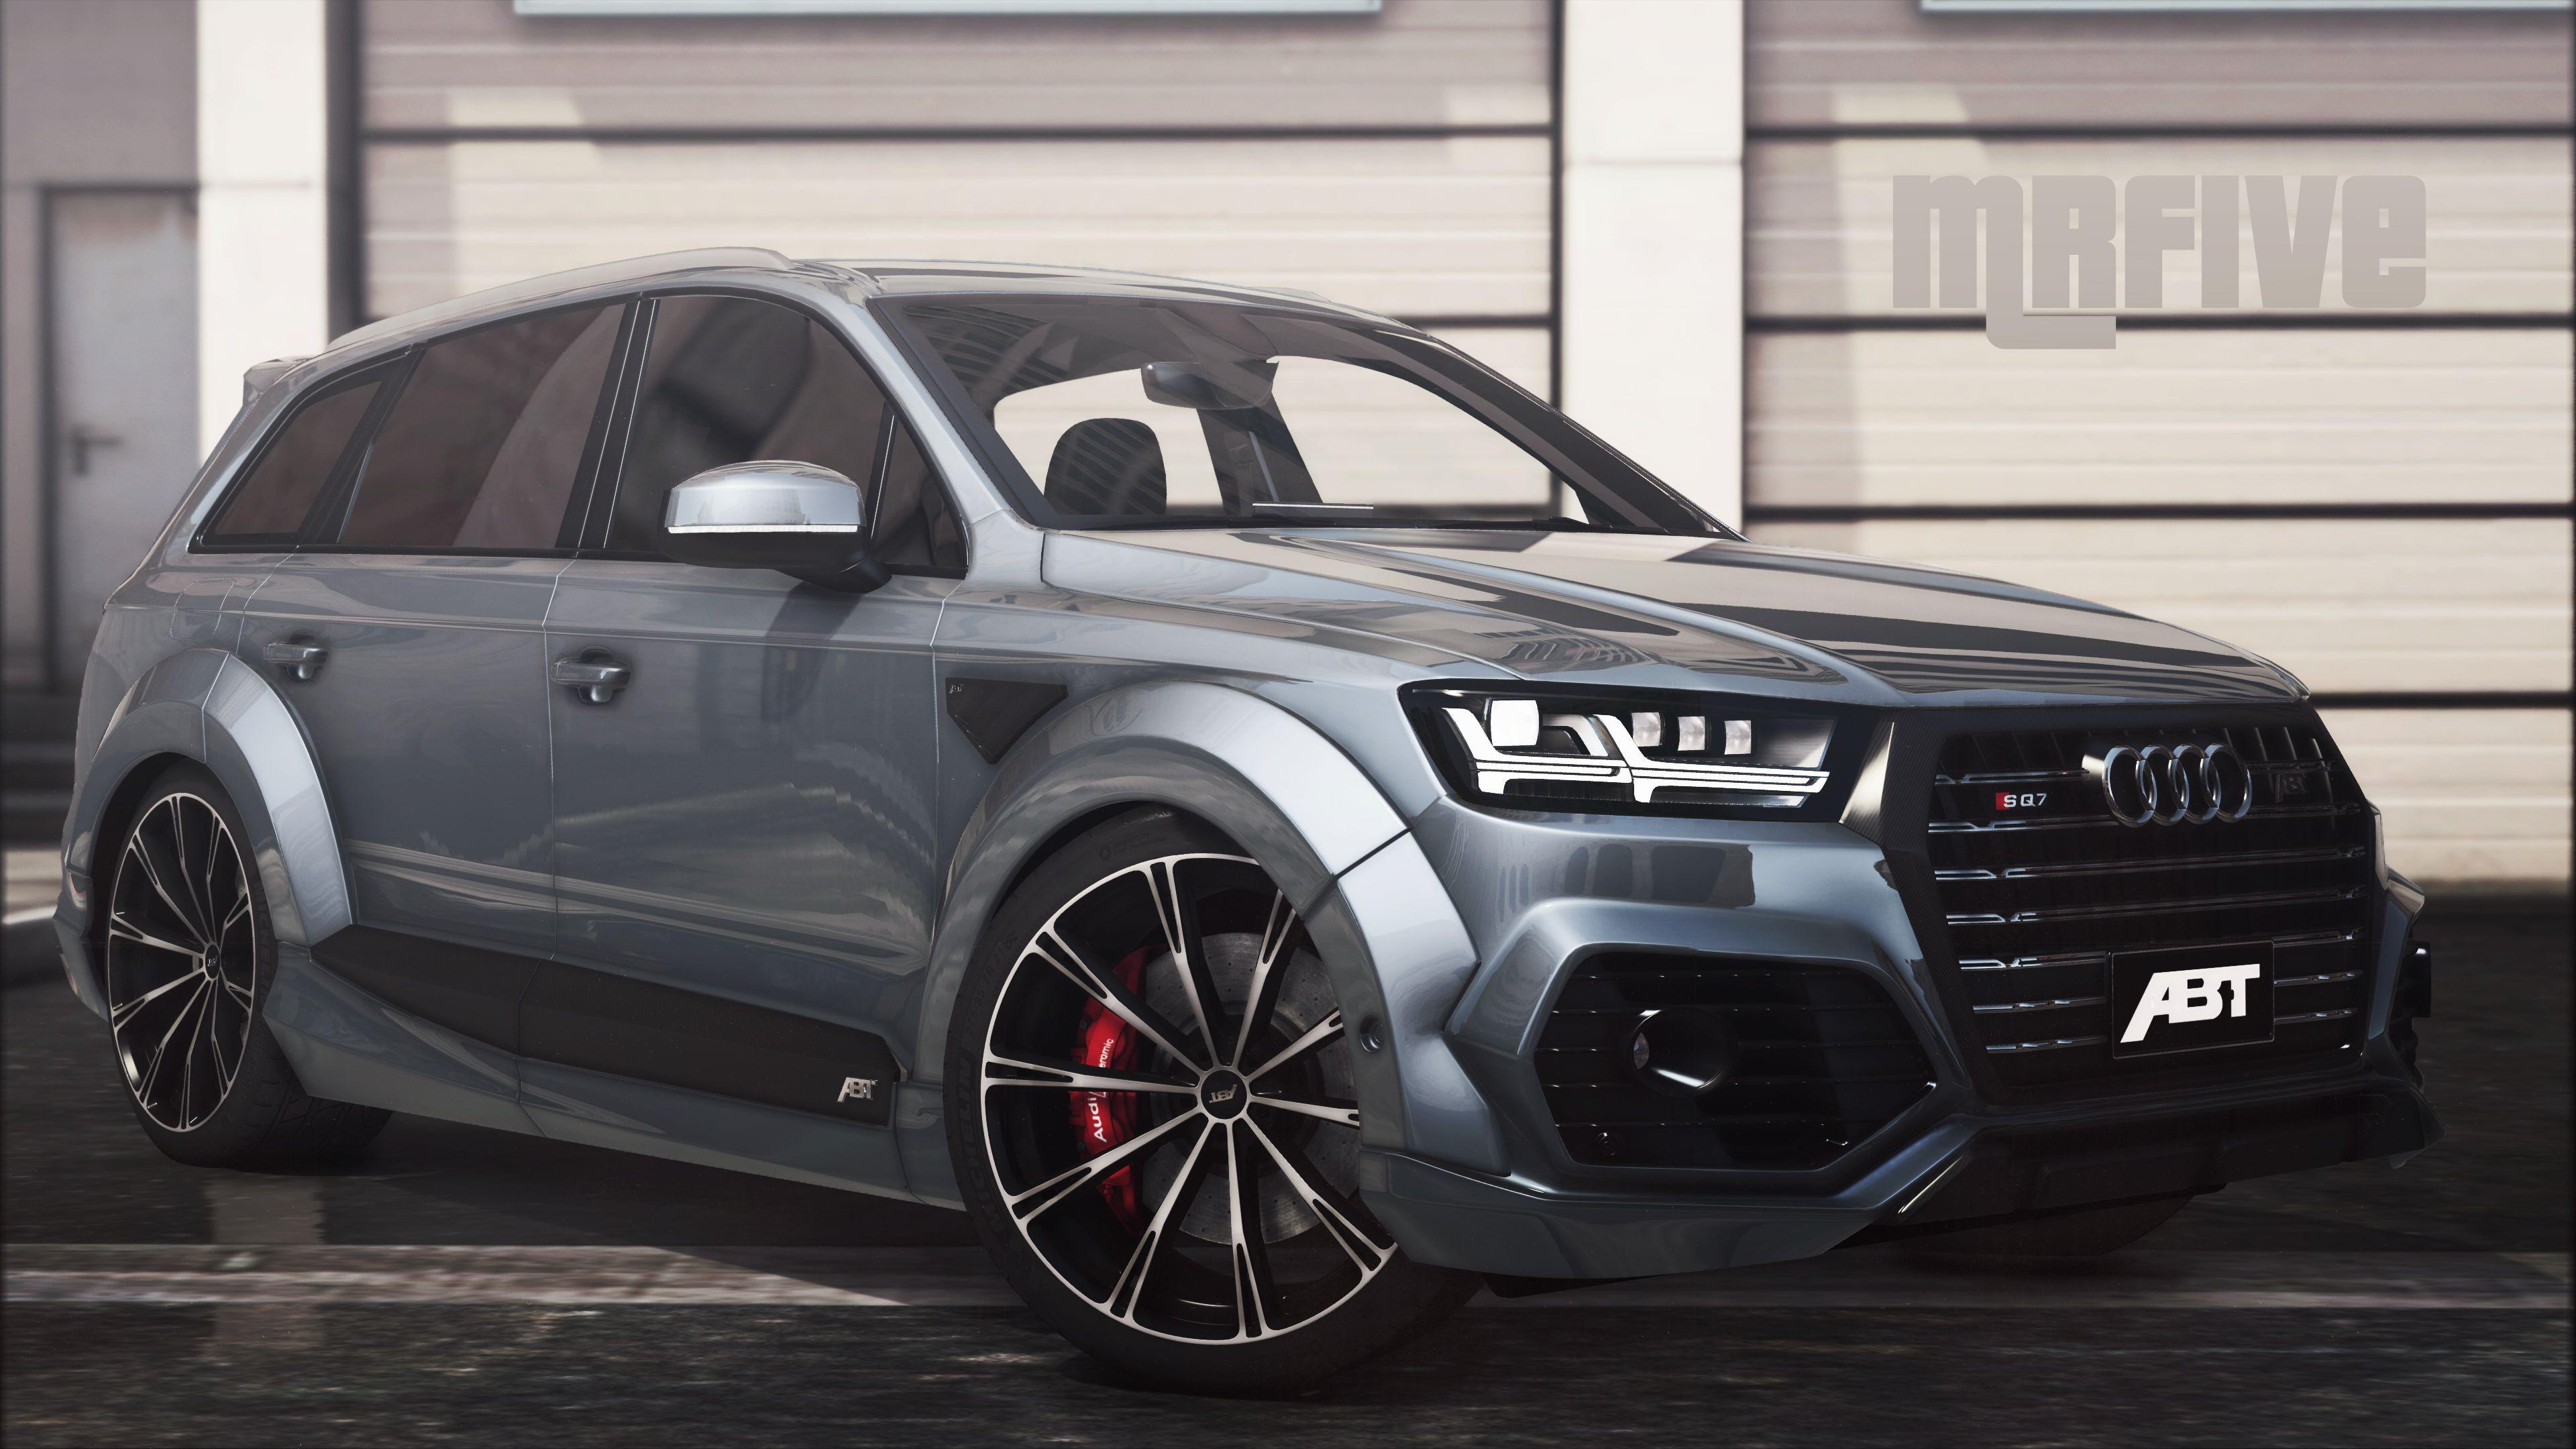 Audi A6 3d Wallpaper Audi Sq7 2016 Add On Abt Tuning Gta5 Mods Com